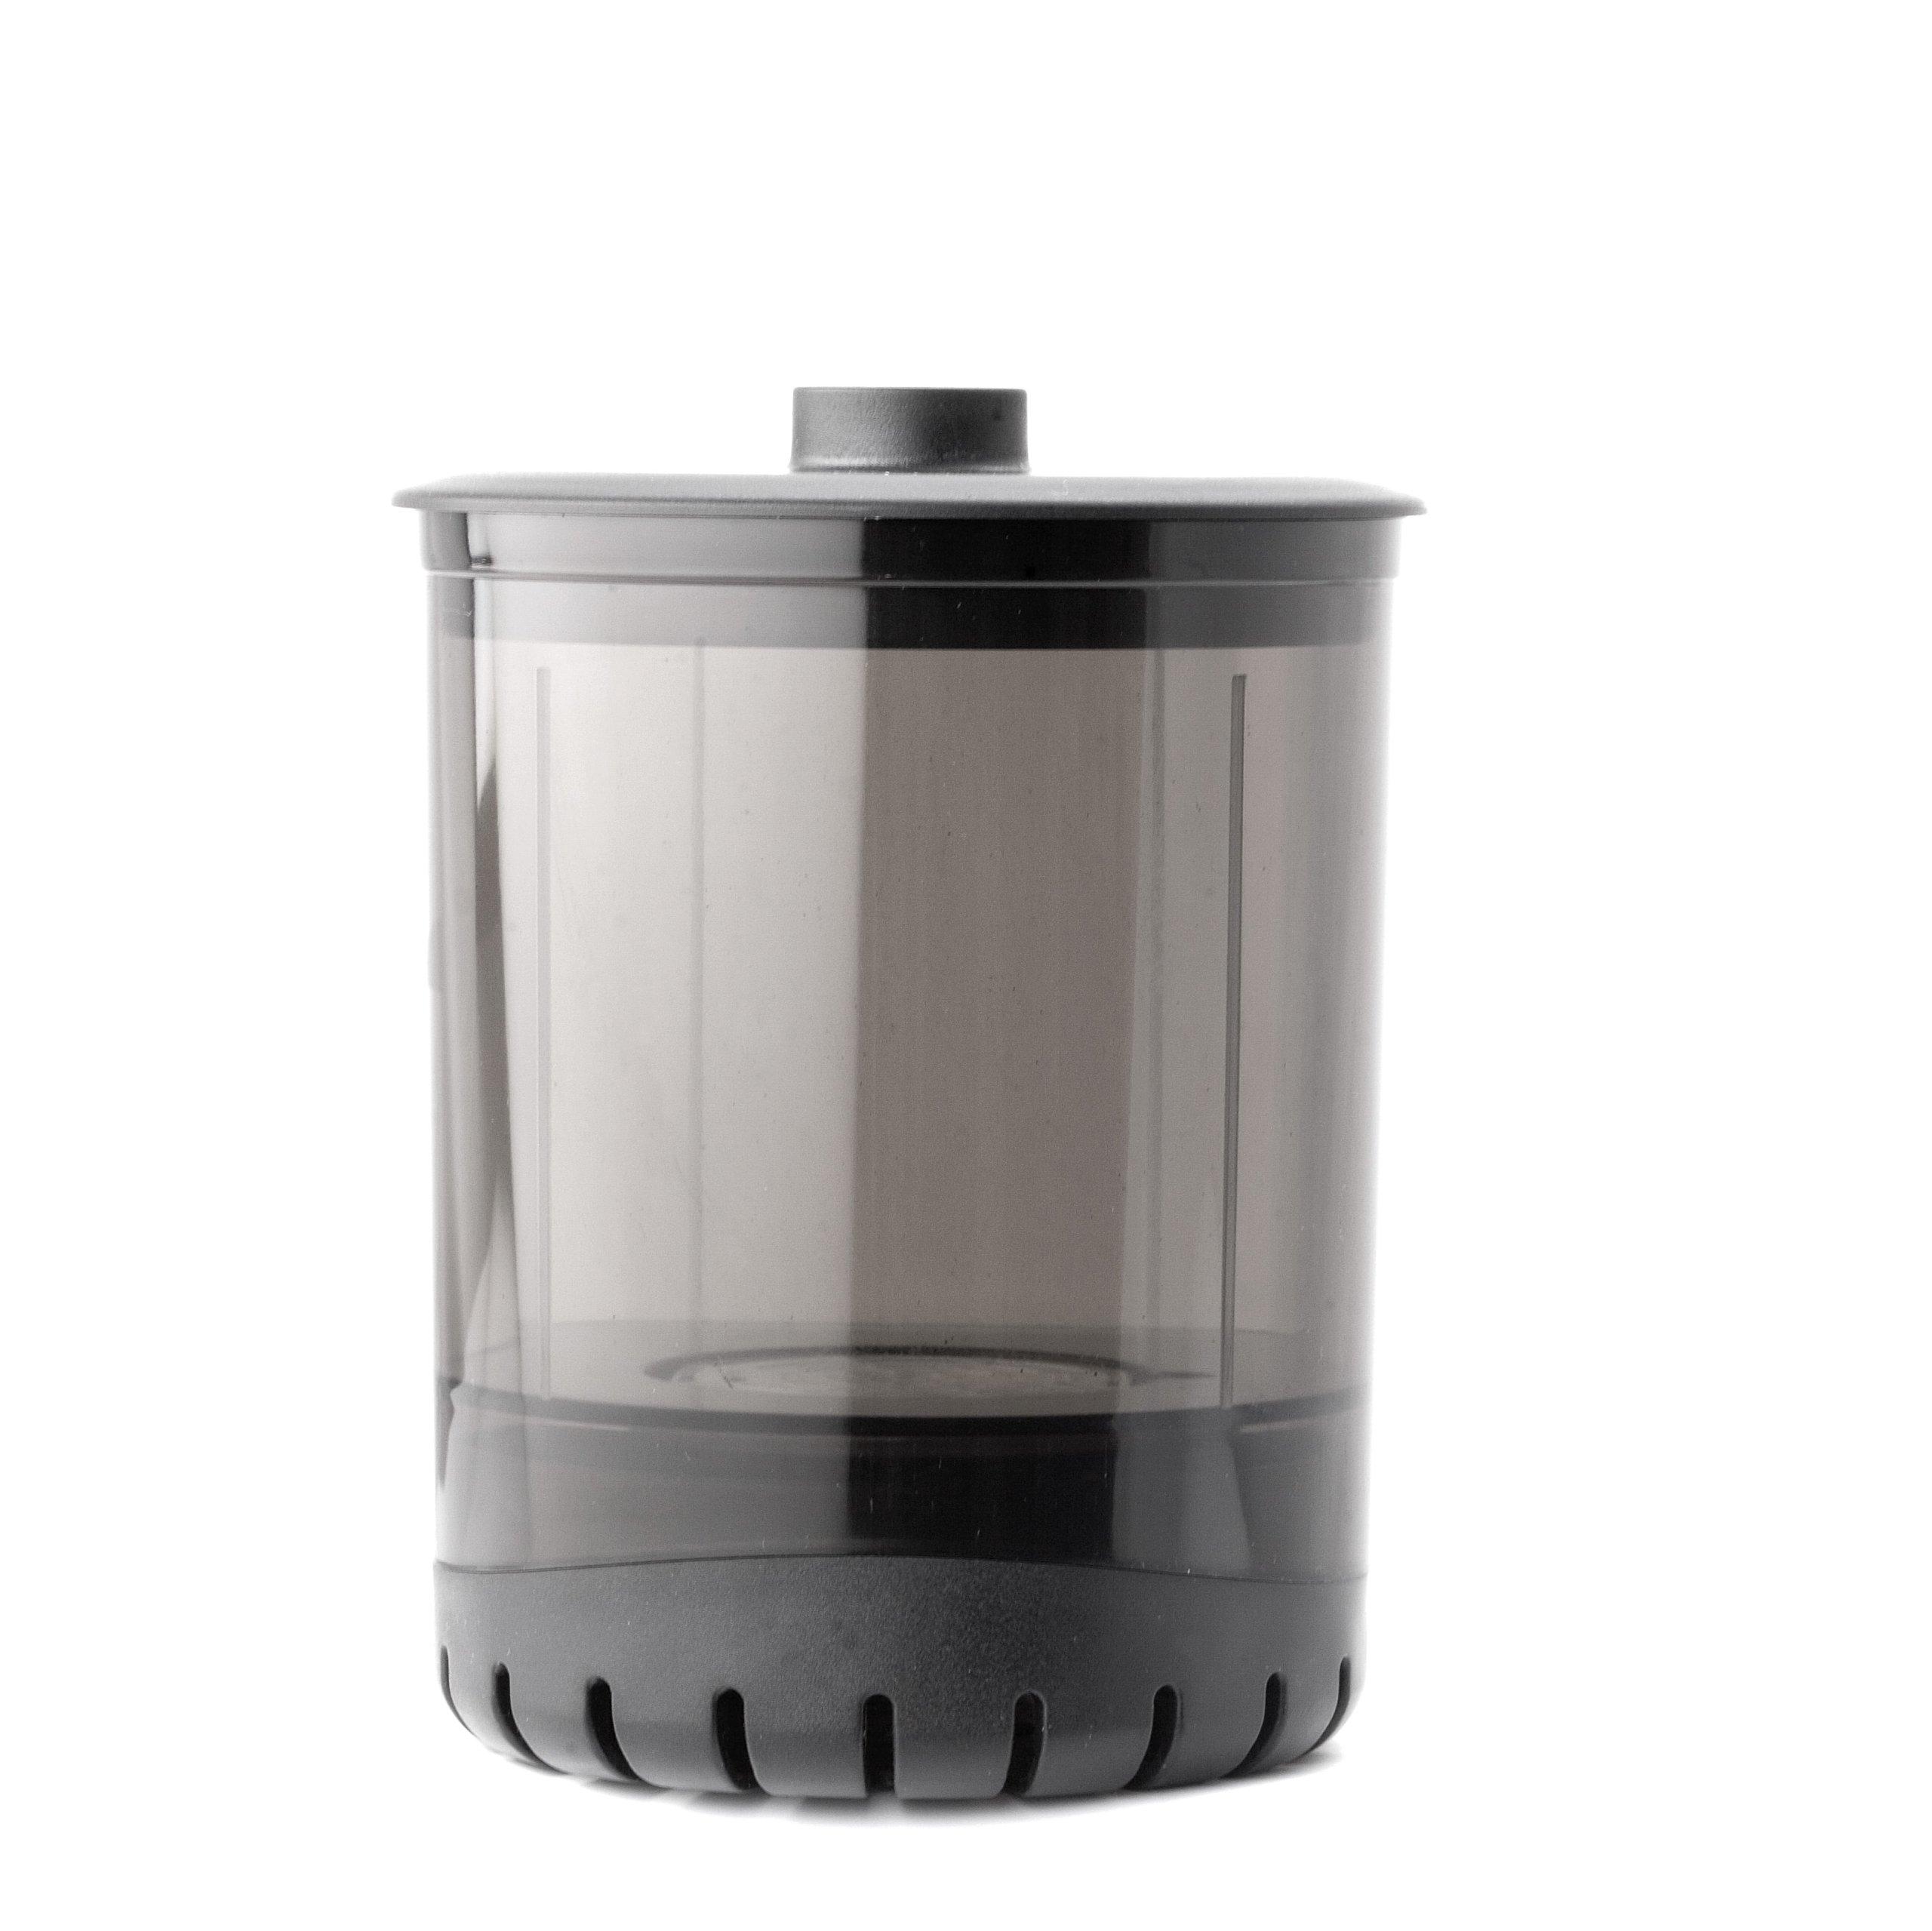 Aquael Turbo filter 2000 внутренний фильтр механический биологический тип